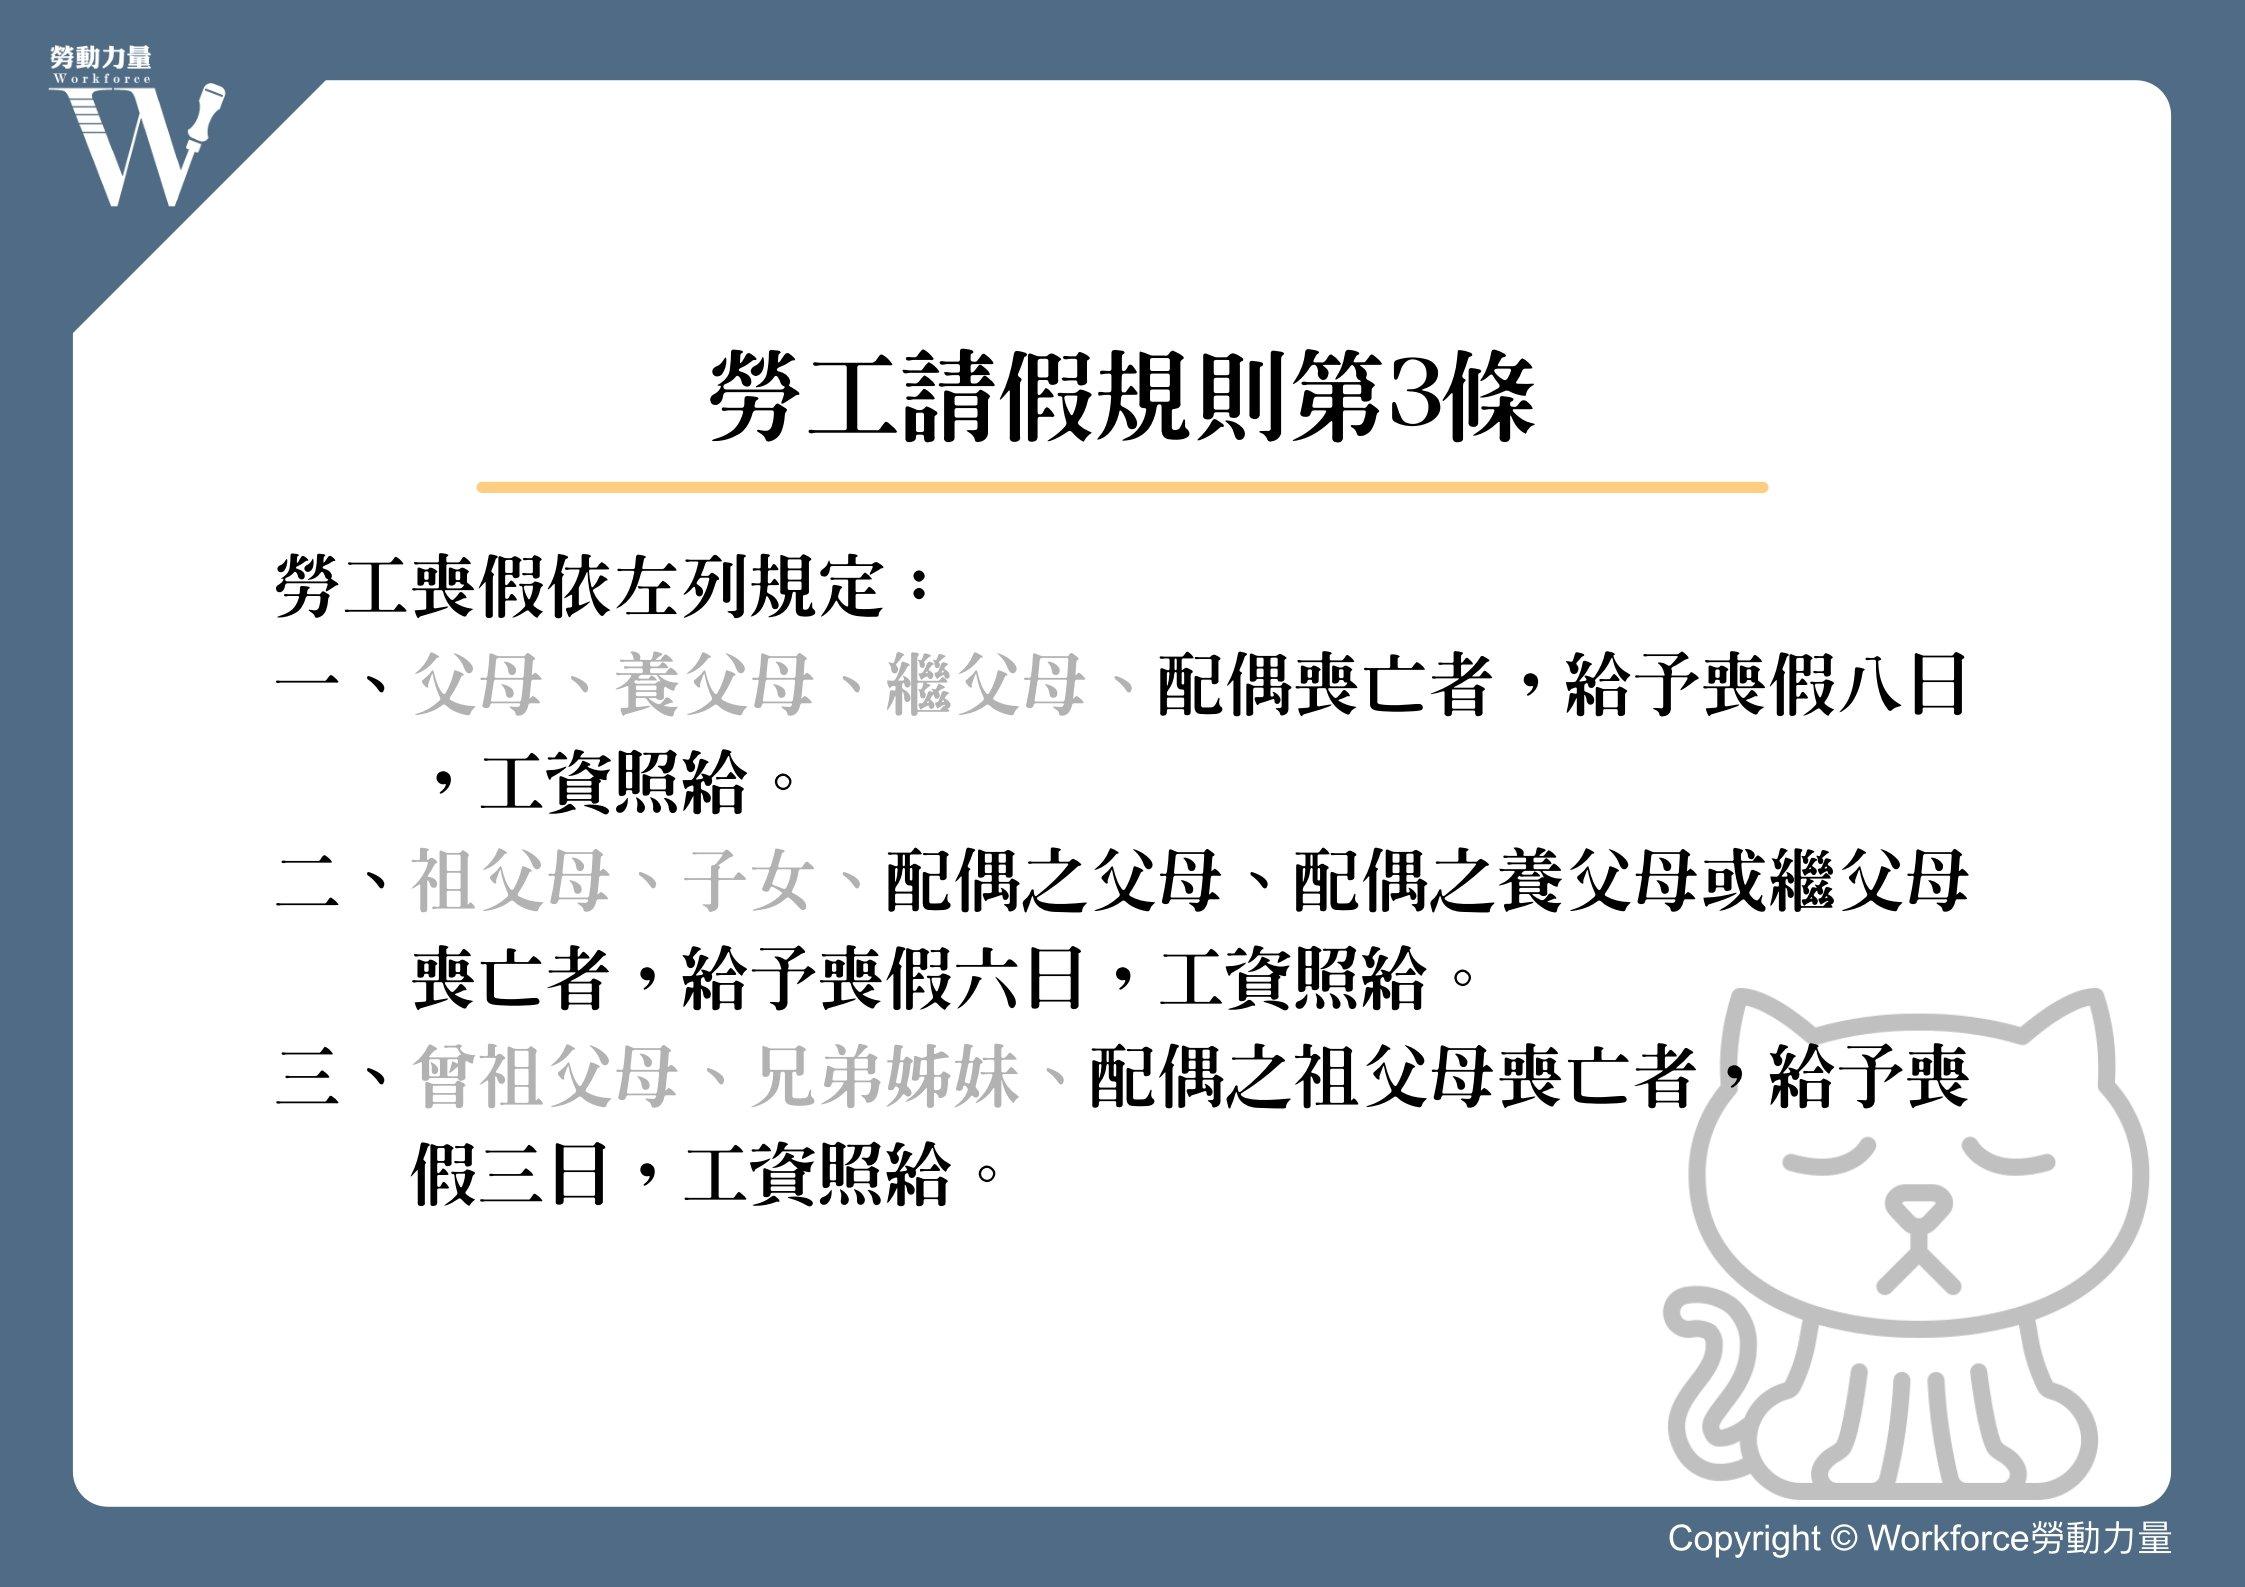 同婚專法 勞動基準法第3條(與配偶相關)